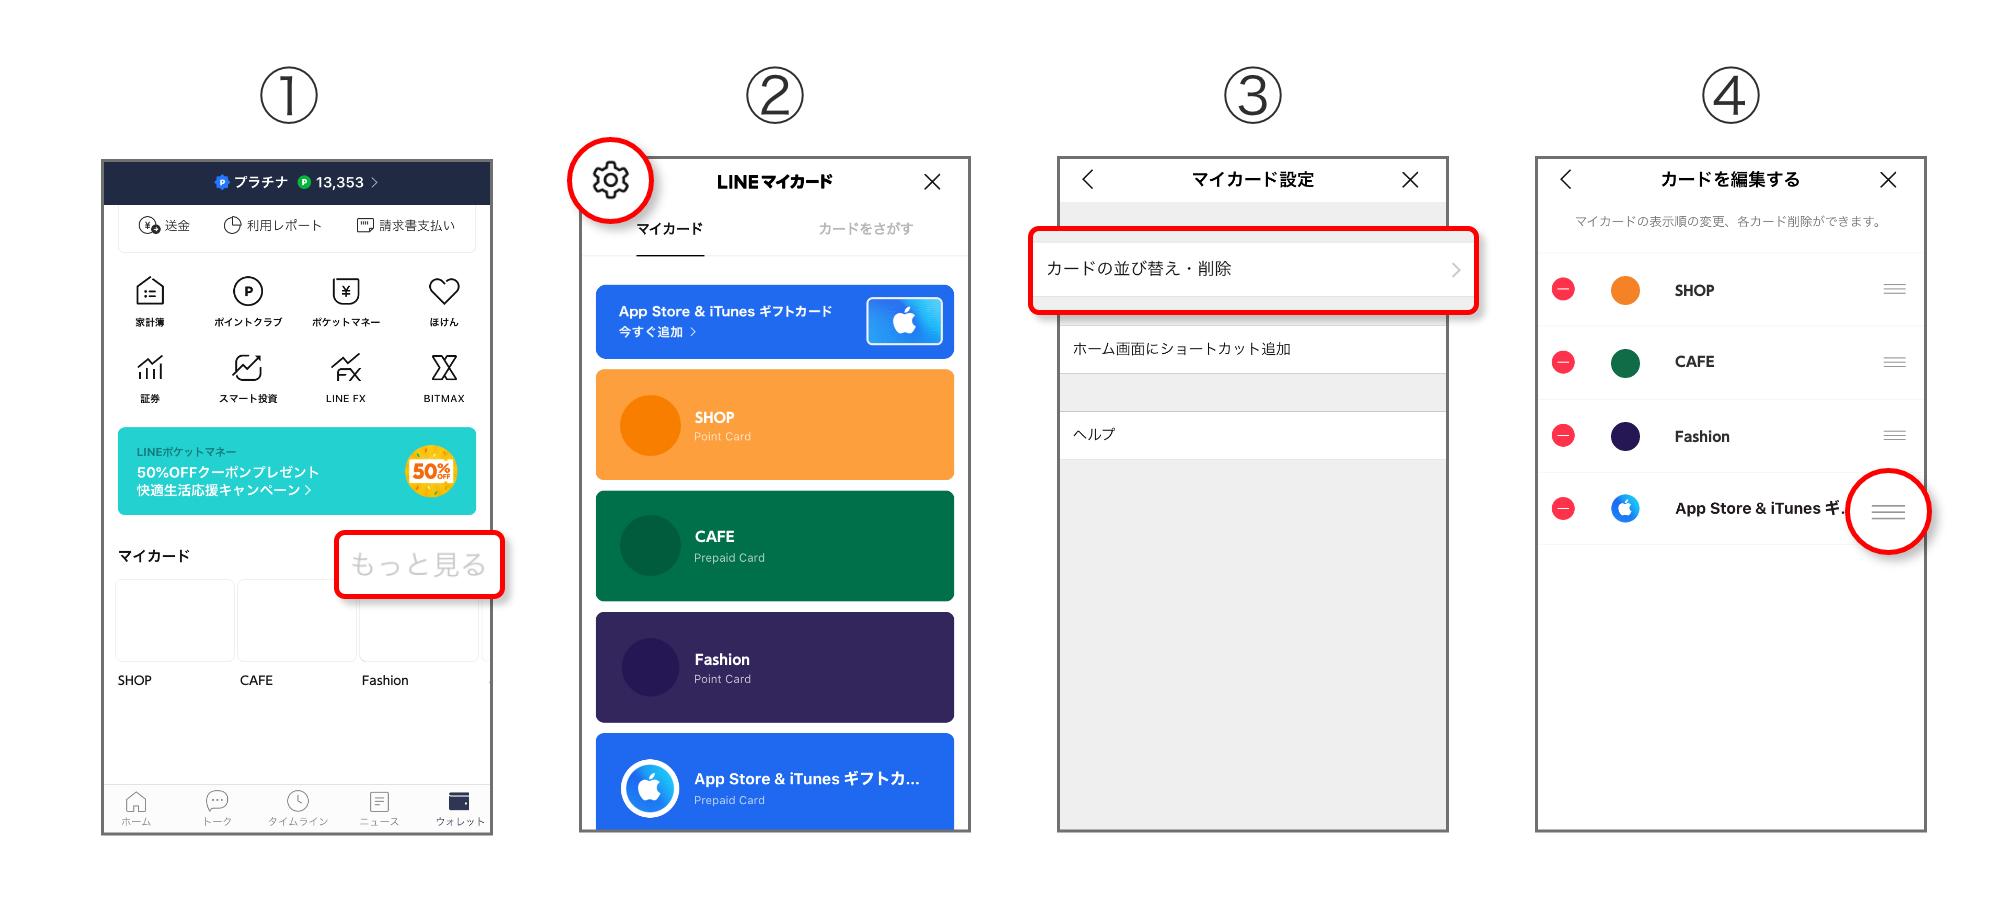 Com 円 Apple bill 400